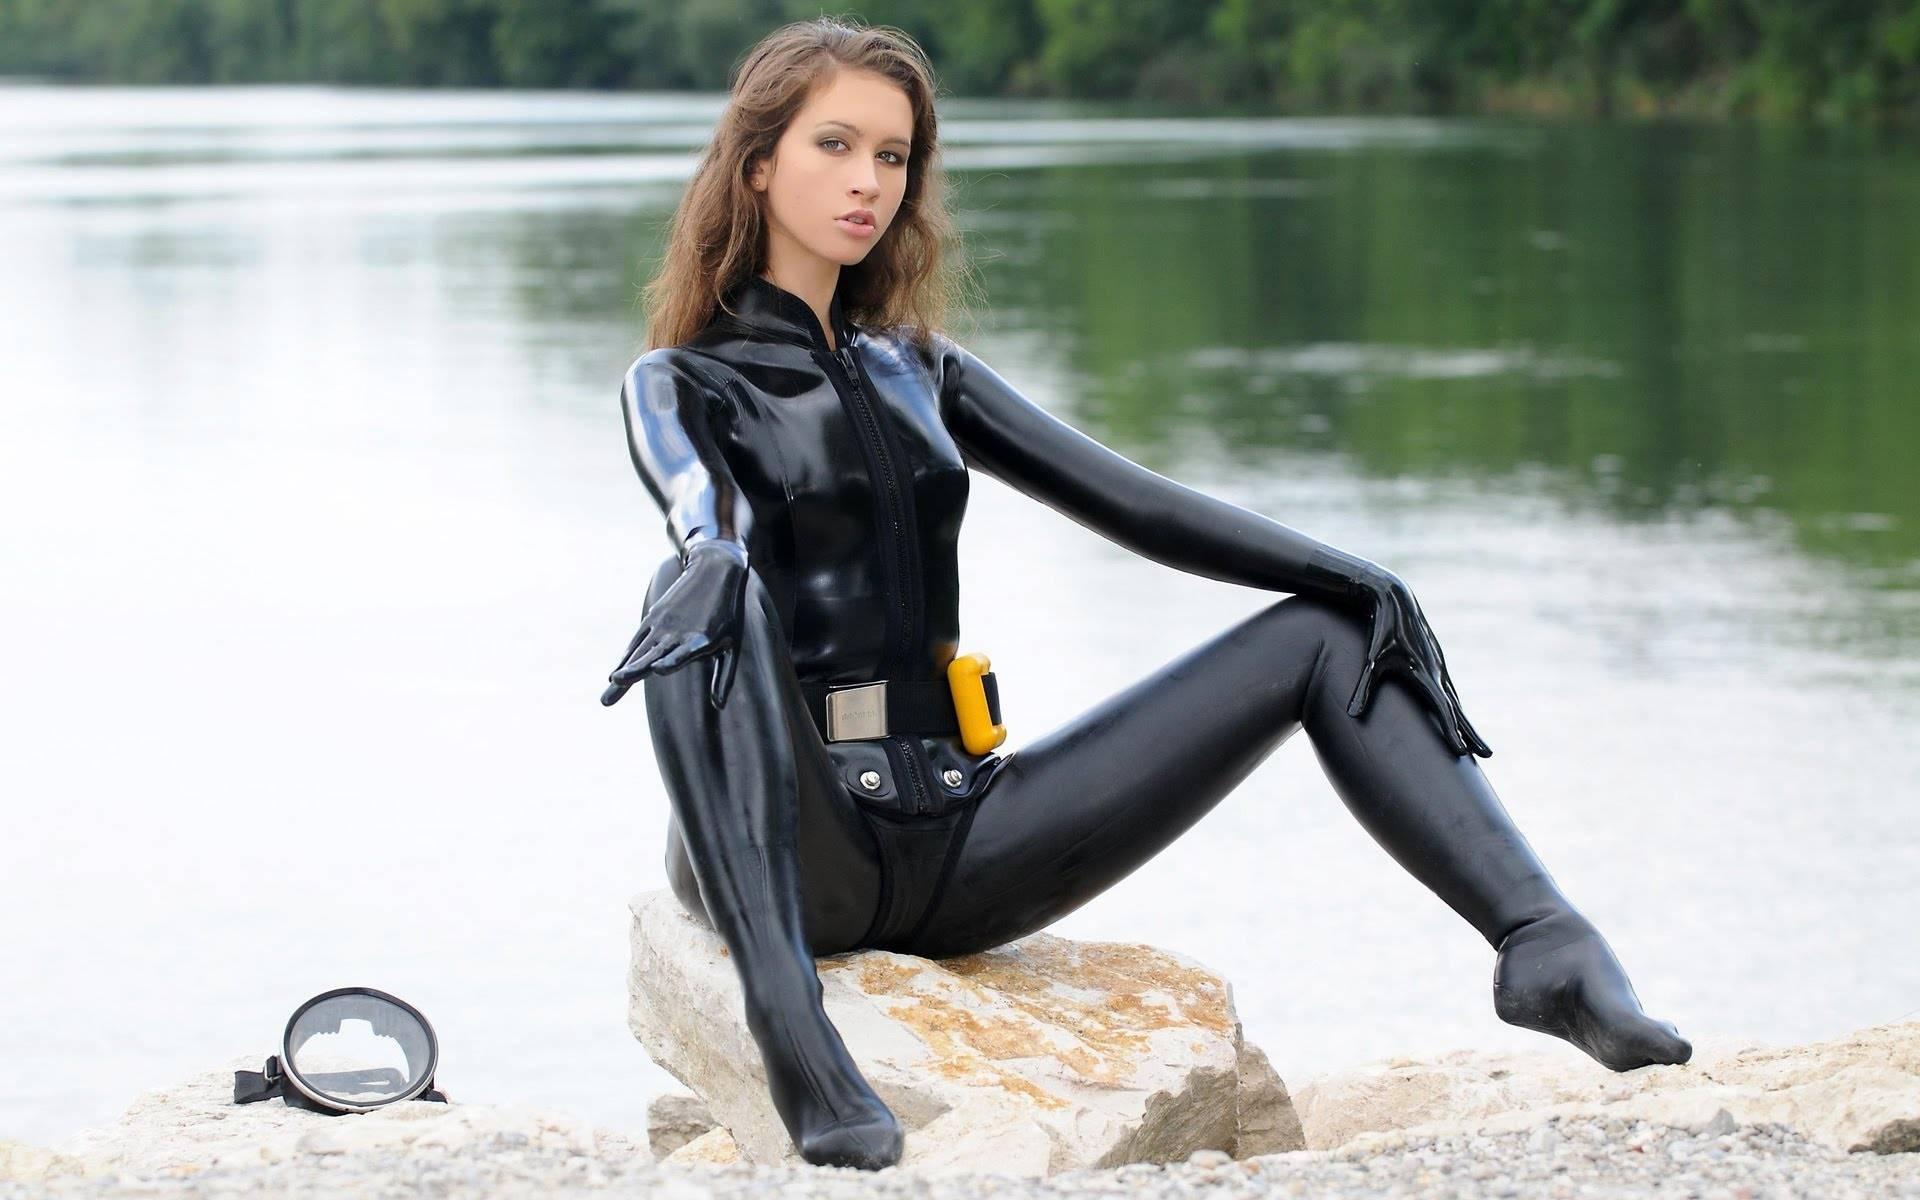 Сухой гидрокостюм для подводной охоты